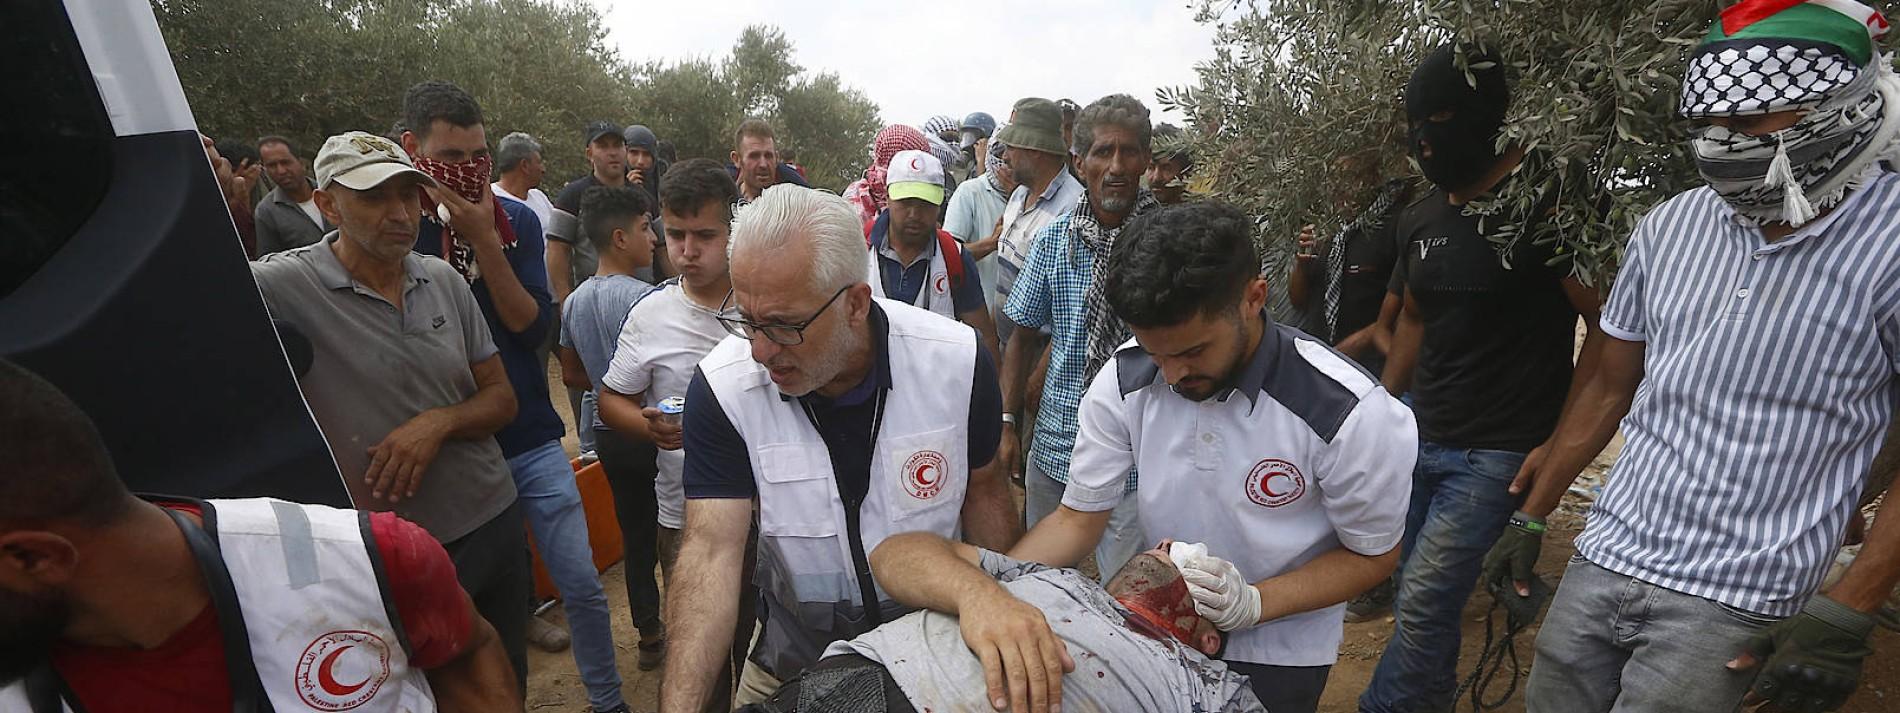 Ein Toter und Hunderte Verletzte bei Zusammenstößen im Westjordanland